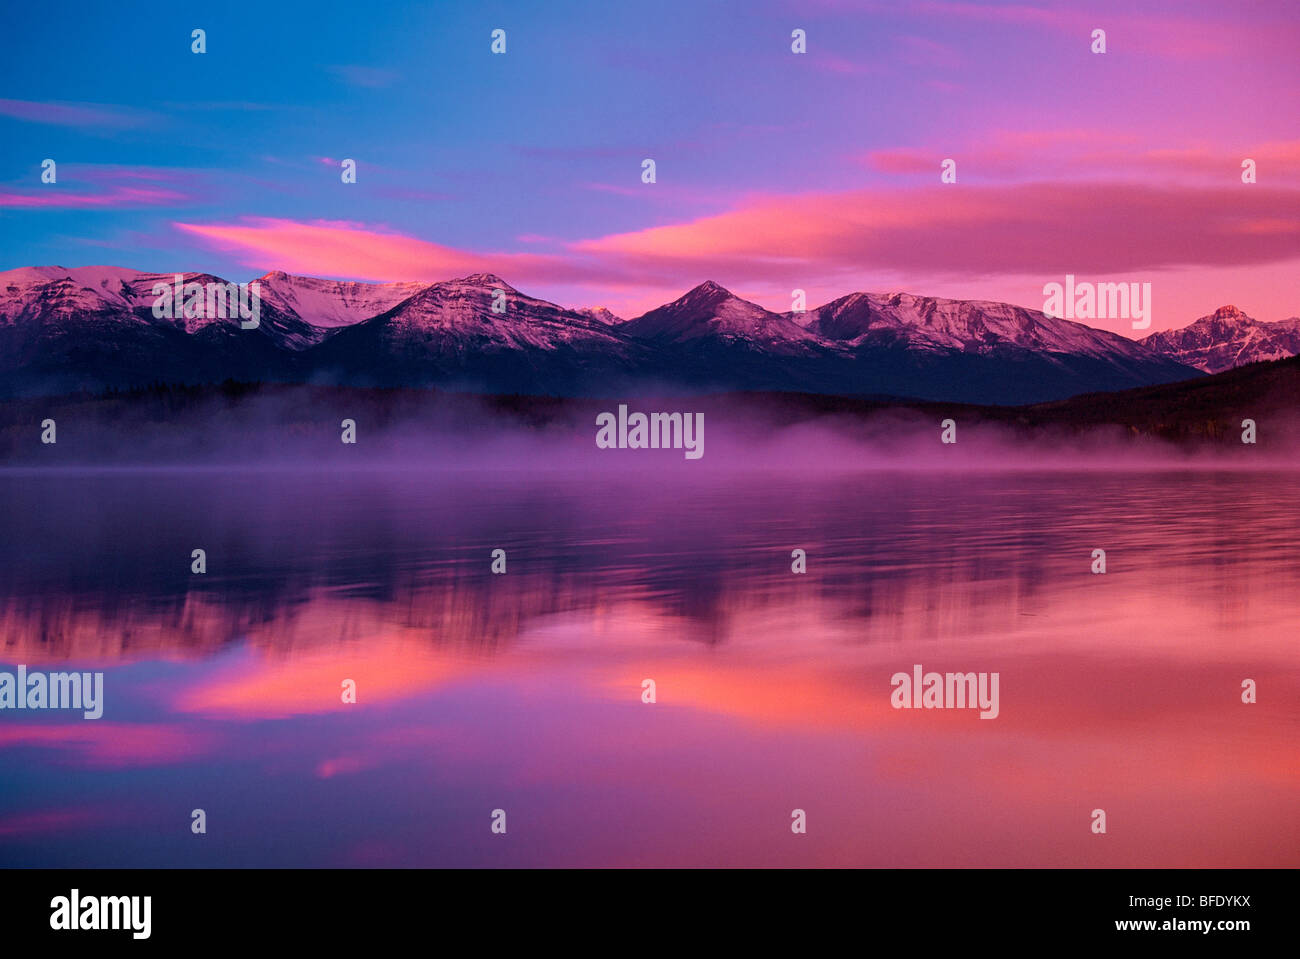 Les montagnes au sud-ouest de Jasper reflété dans le lac Pyramid au lever du soleil, Jasper National Park, Alberta, Banque D'Images